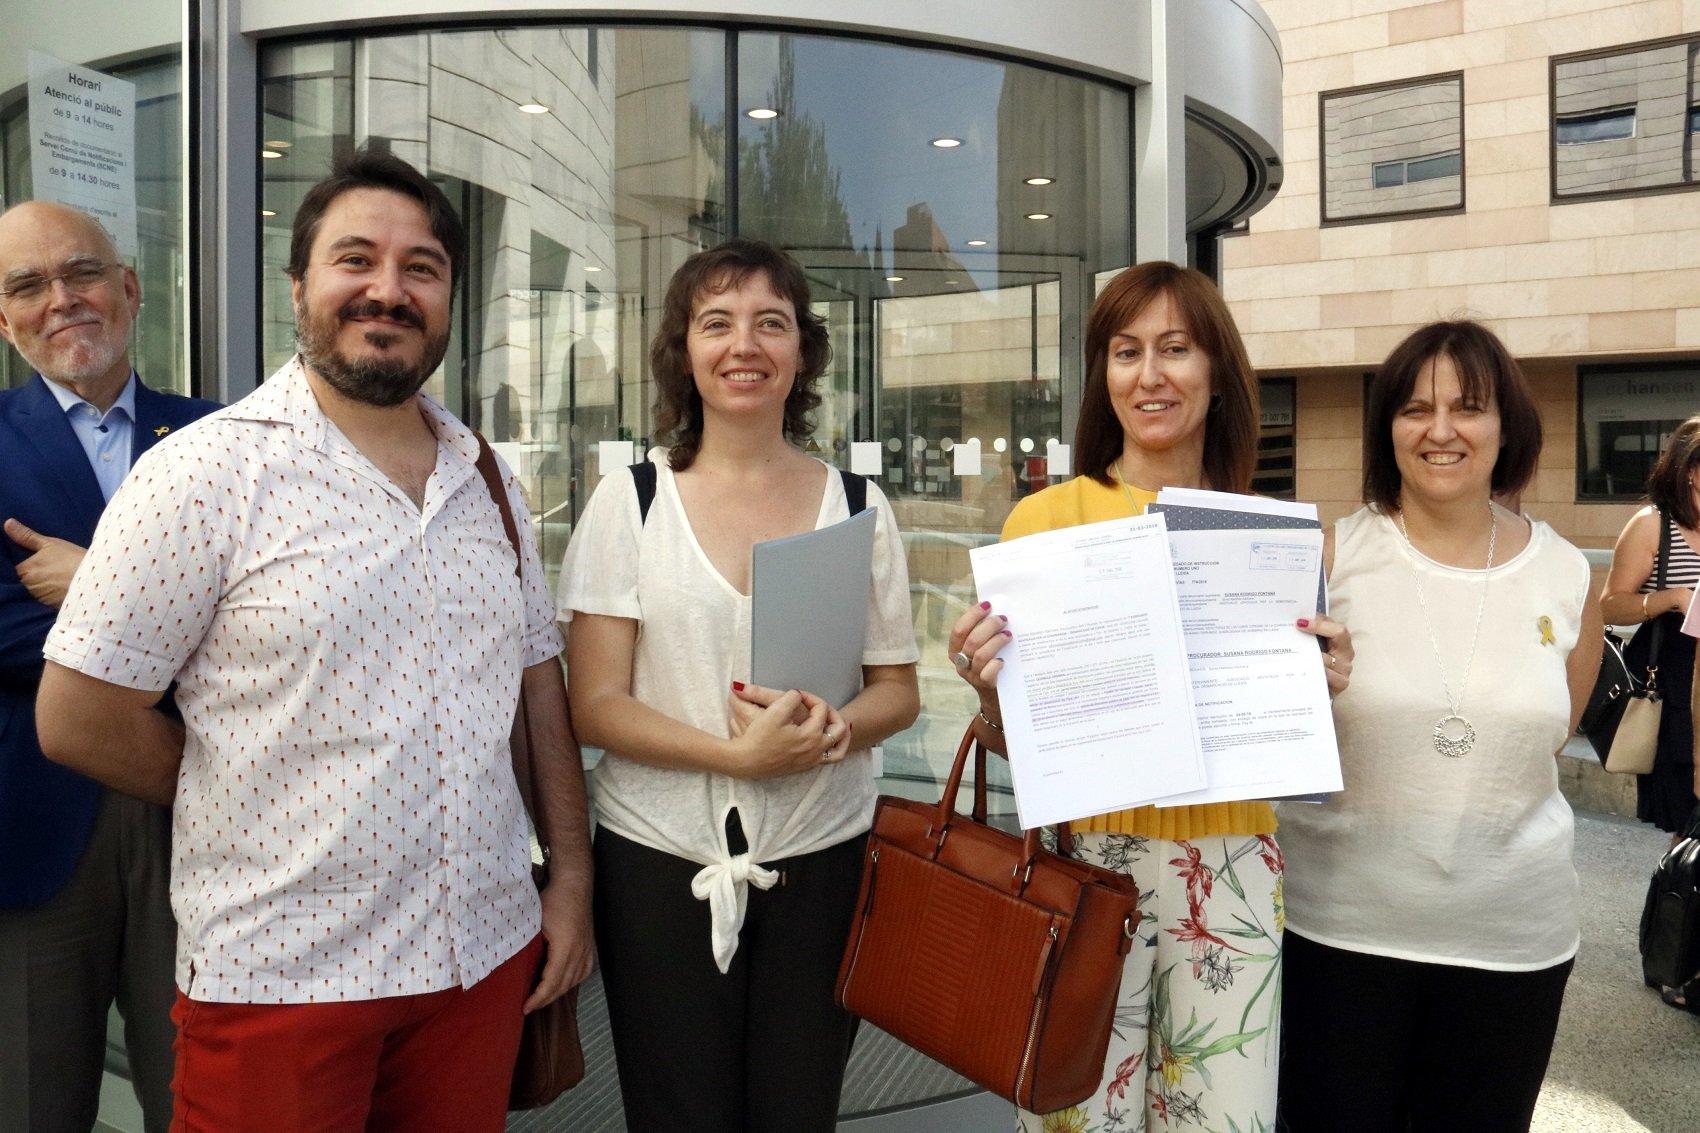 Membres de l'Associació d'Advocacia per la Democràcia a Lleida, davant els jutjats de Lleida, ensenyant la querella contra Manso i Pérez de los Cobos acn